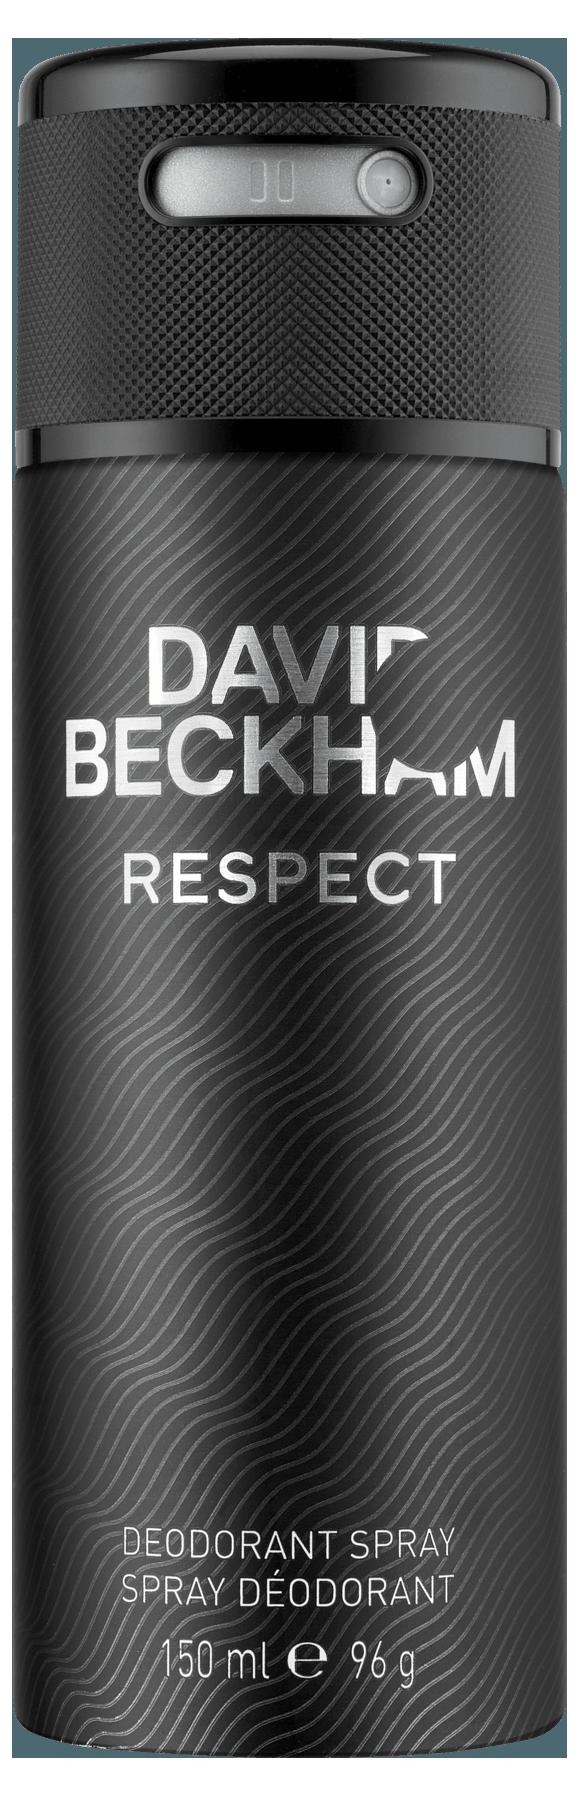 David Beckham - Respect Deo Spray